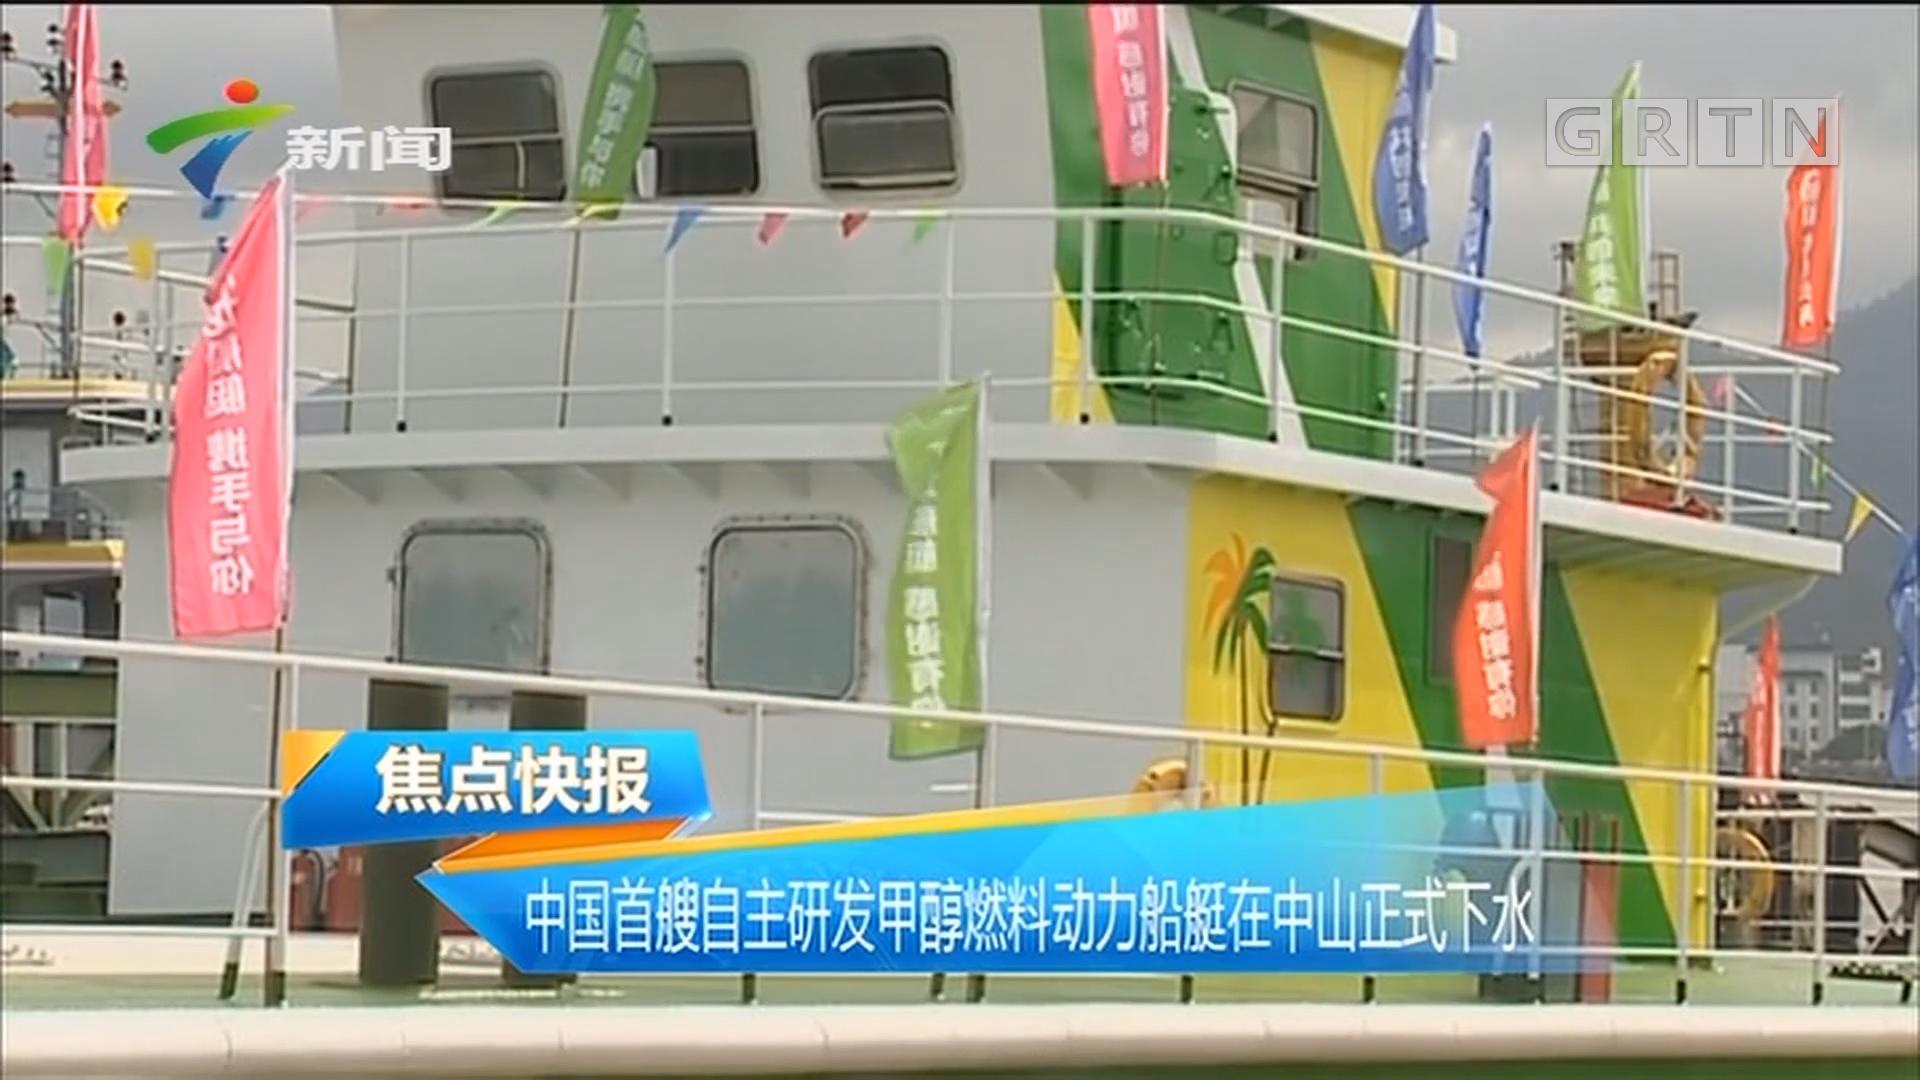 中国首艘自主研发甲醇燃料动力船艇在中山正式下水